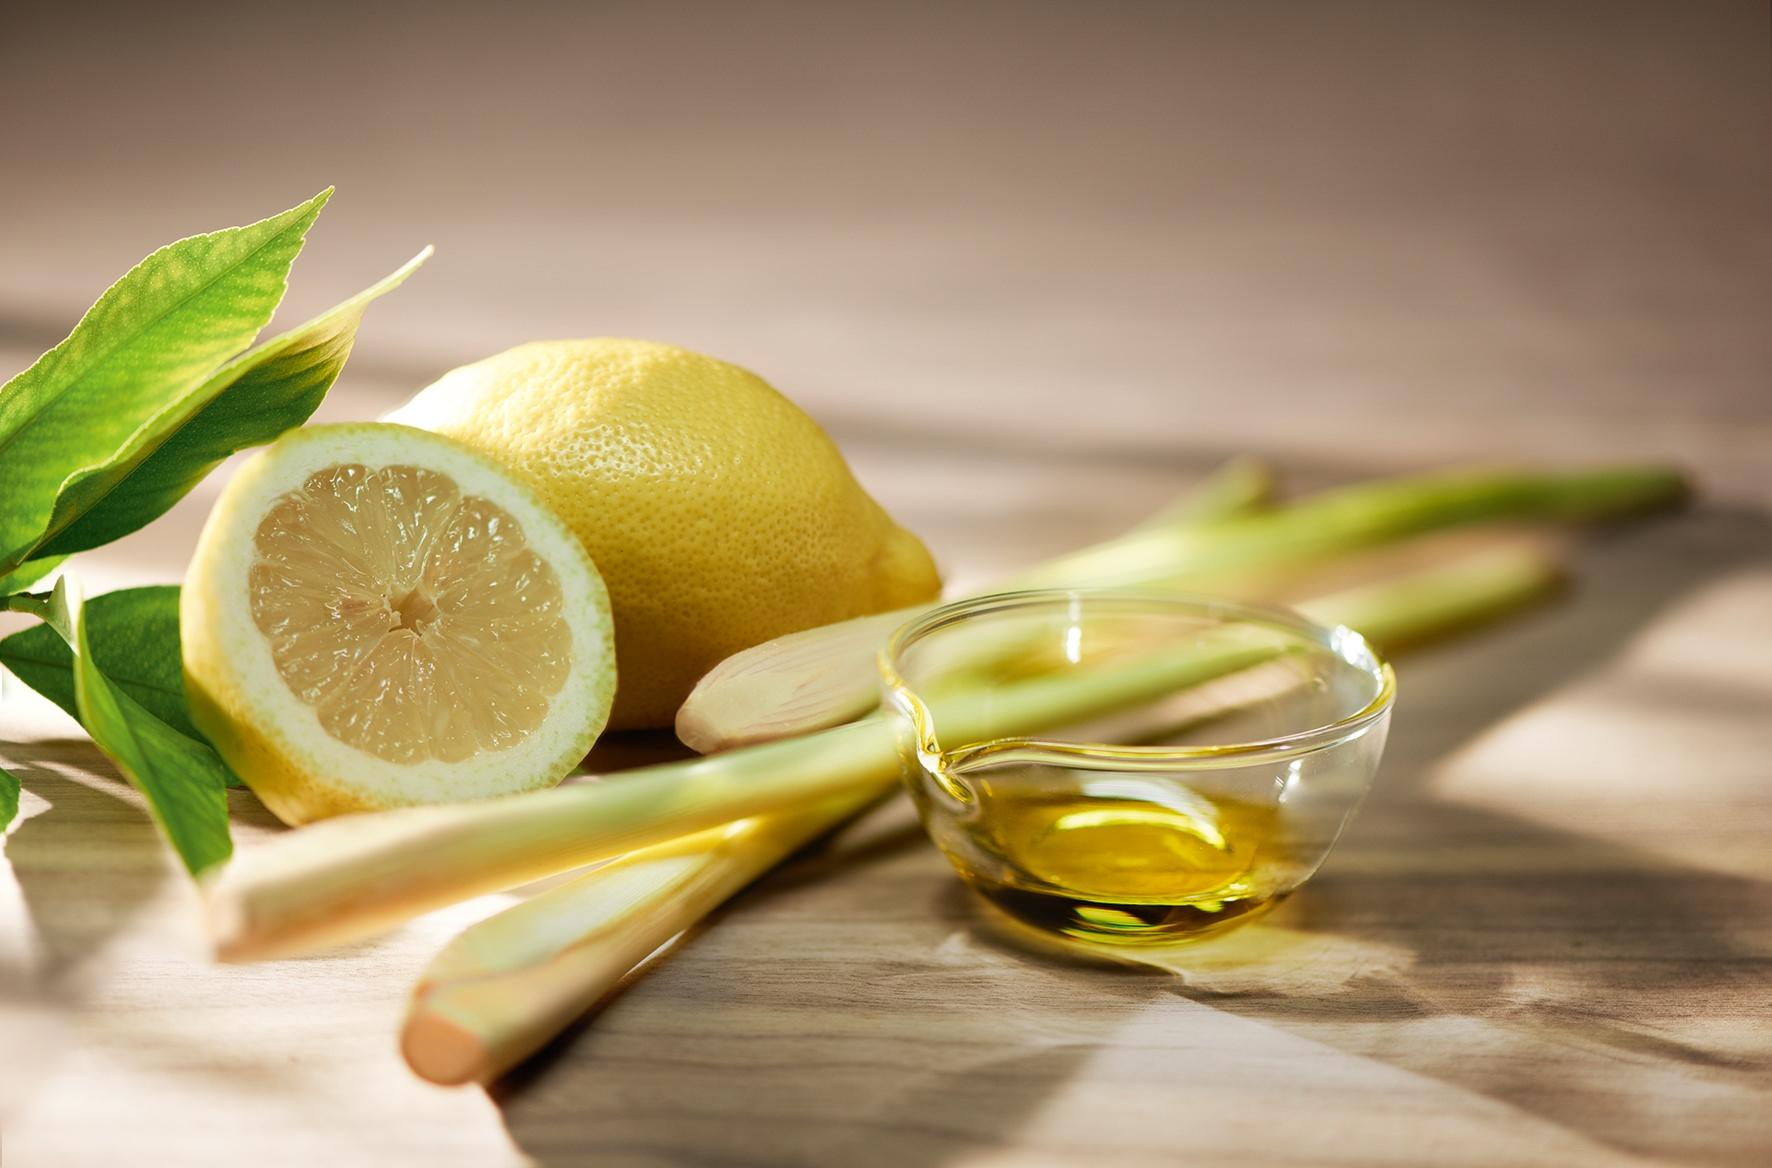 Лемонграсс: полезные свойства, область применения и особенности выращивания лимонного сорго